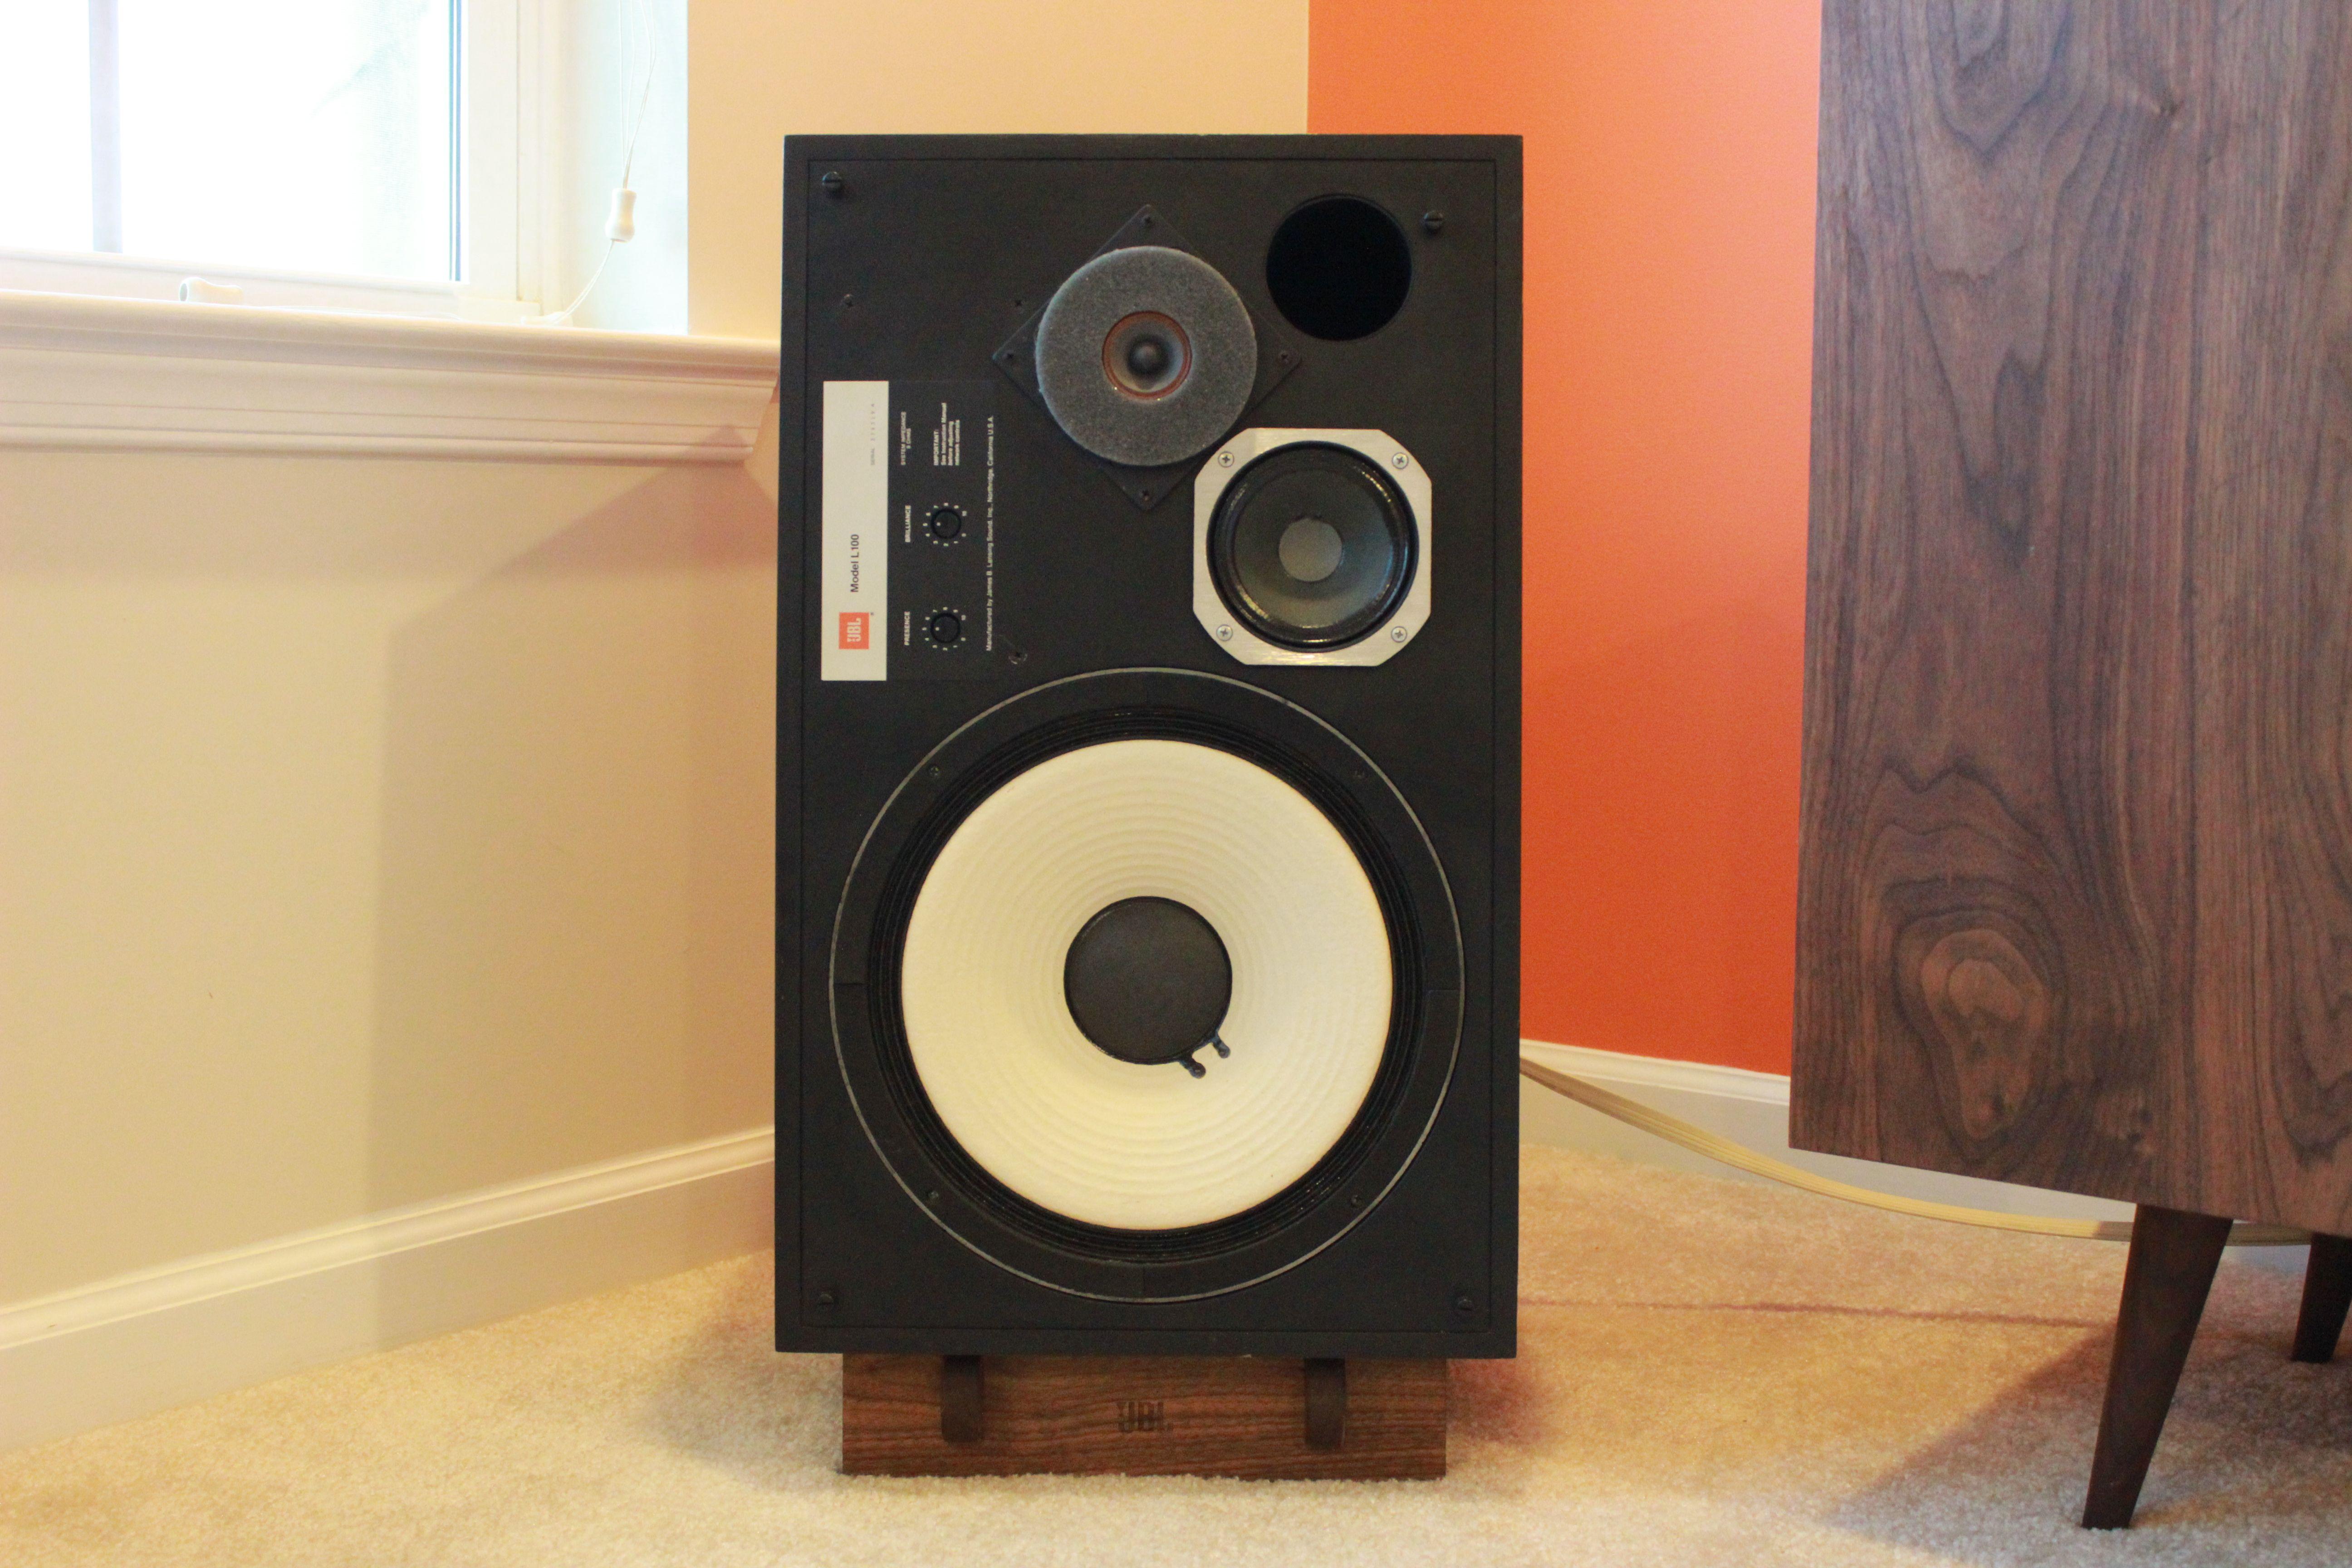 Pin by Stereo Geeks on Speakers Audiophile speakers, Tv